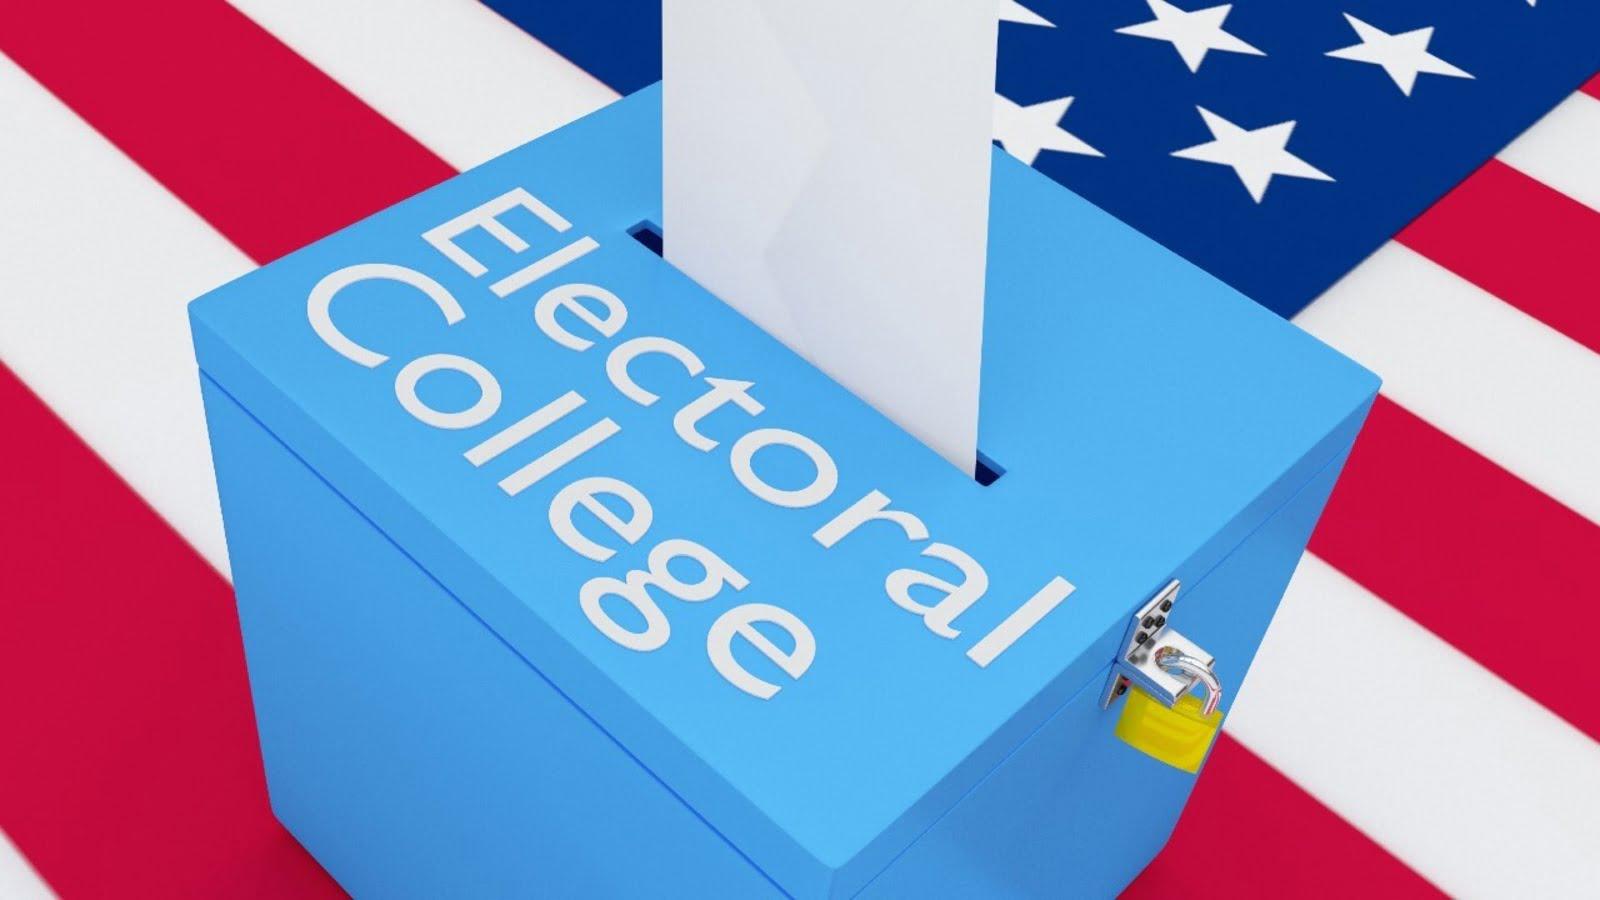 Electoral College Ballot Box